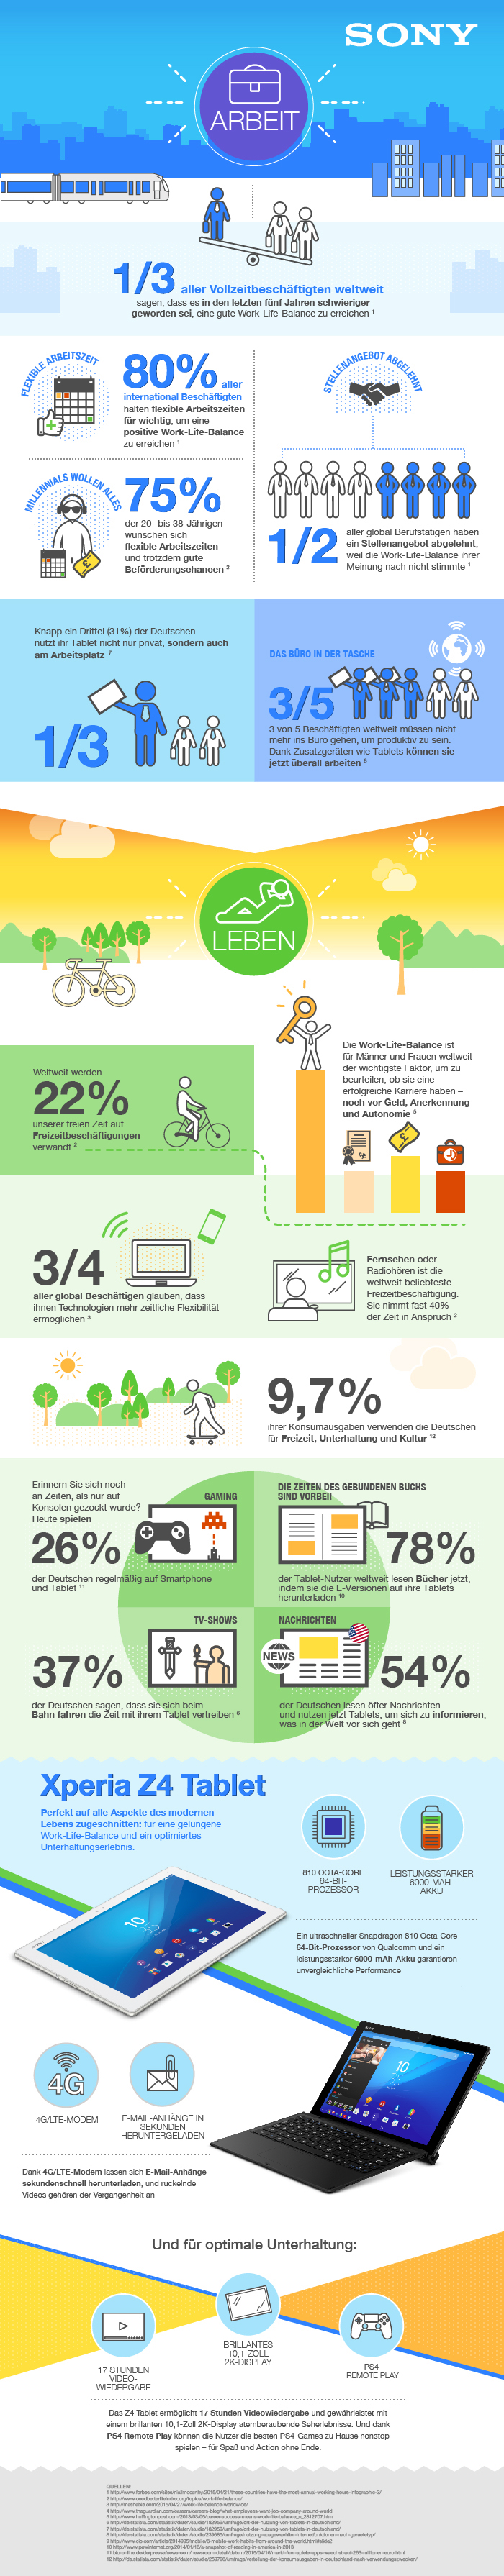 Photo of Freizeit und Arbeit in der digitalen Gesellschaft